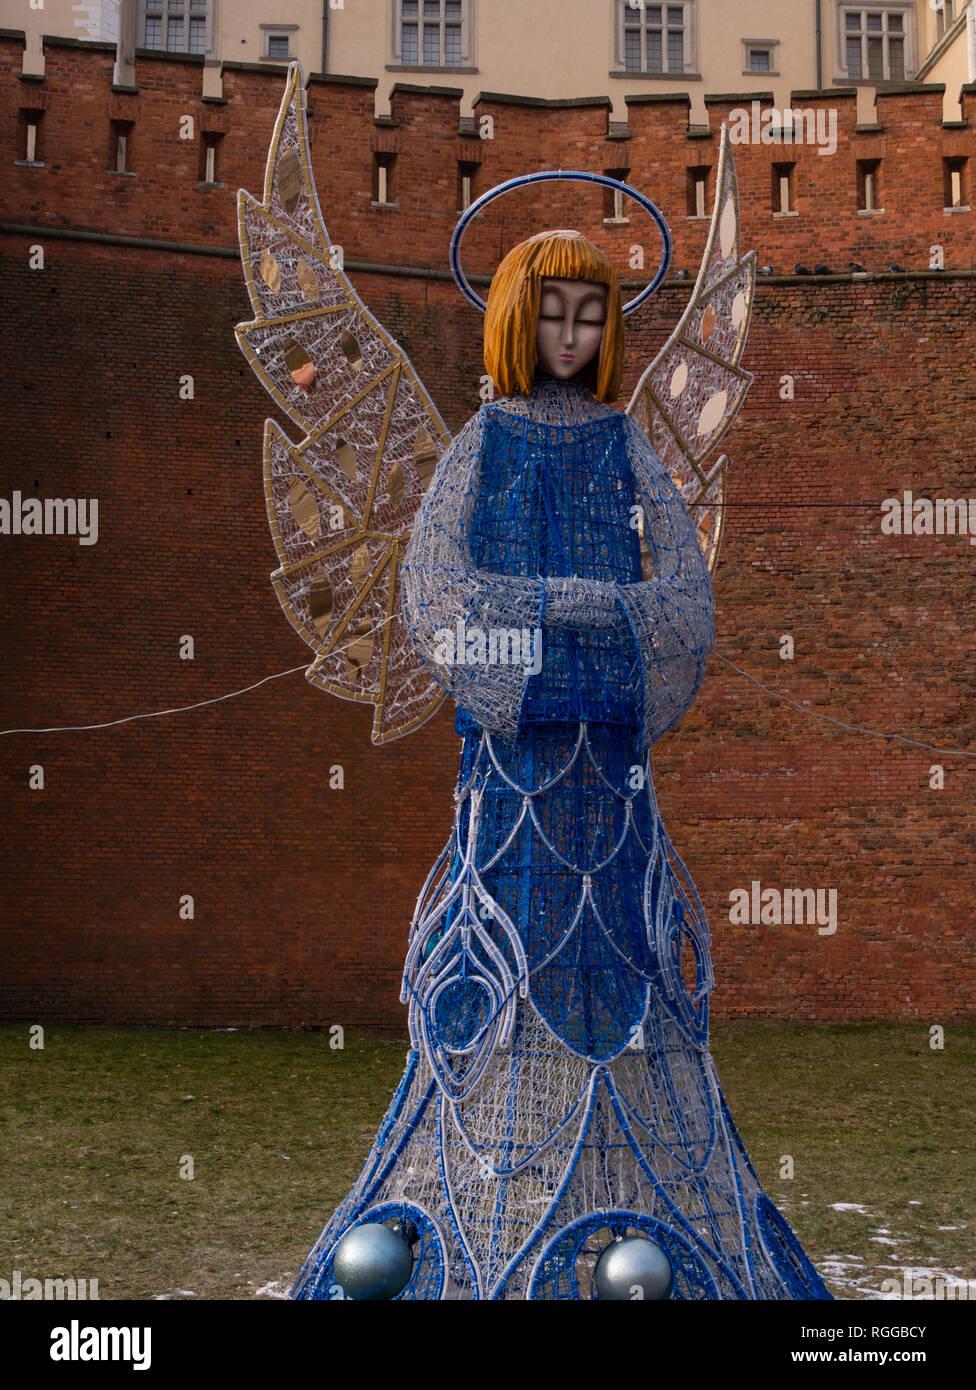 Weihnachtsbeleuchtung Engel.Engel Weihnachtsbeleuchtung Krakau Polen Stockfoto Bild